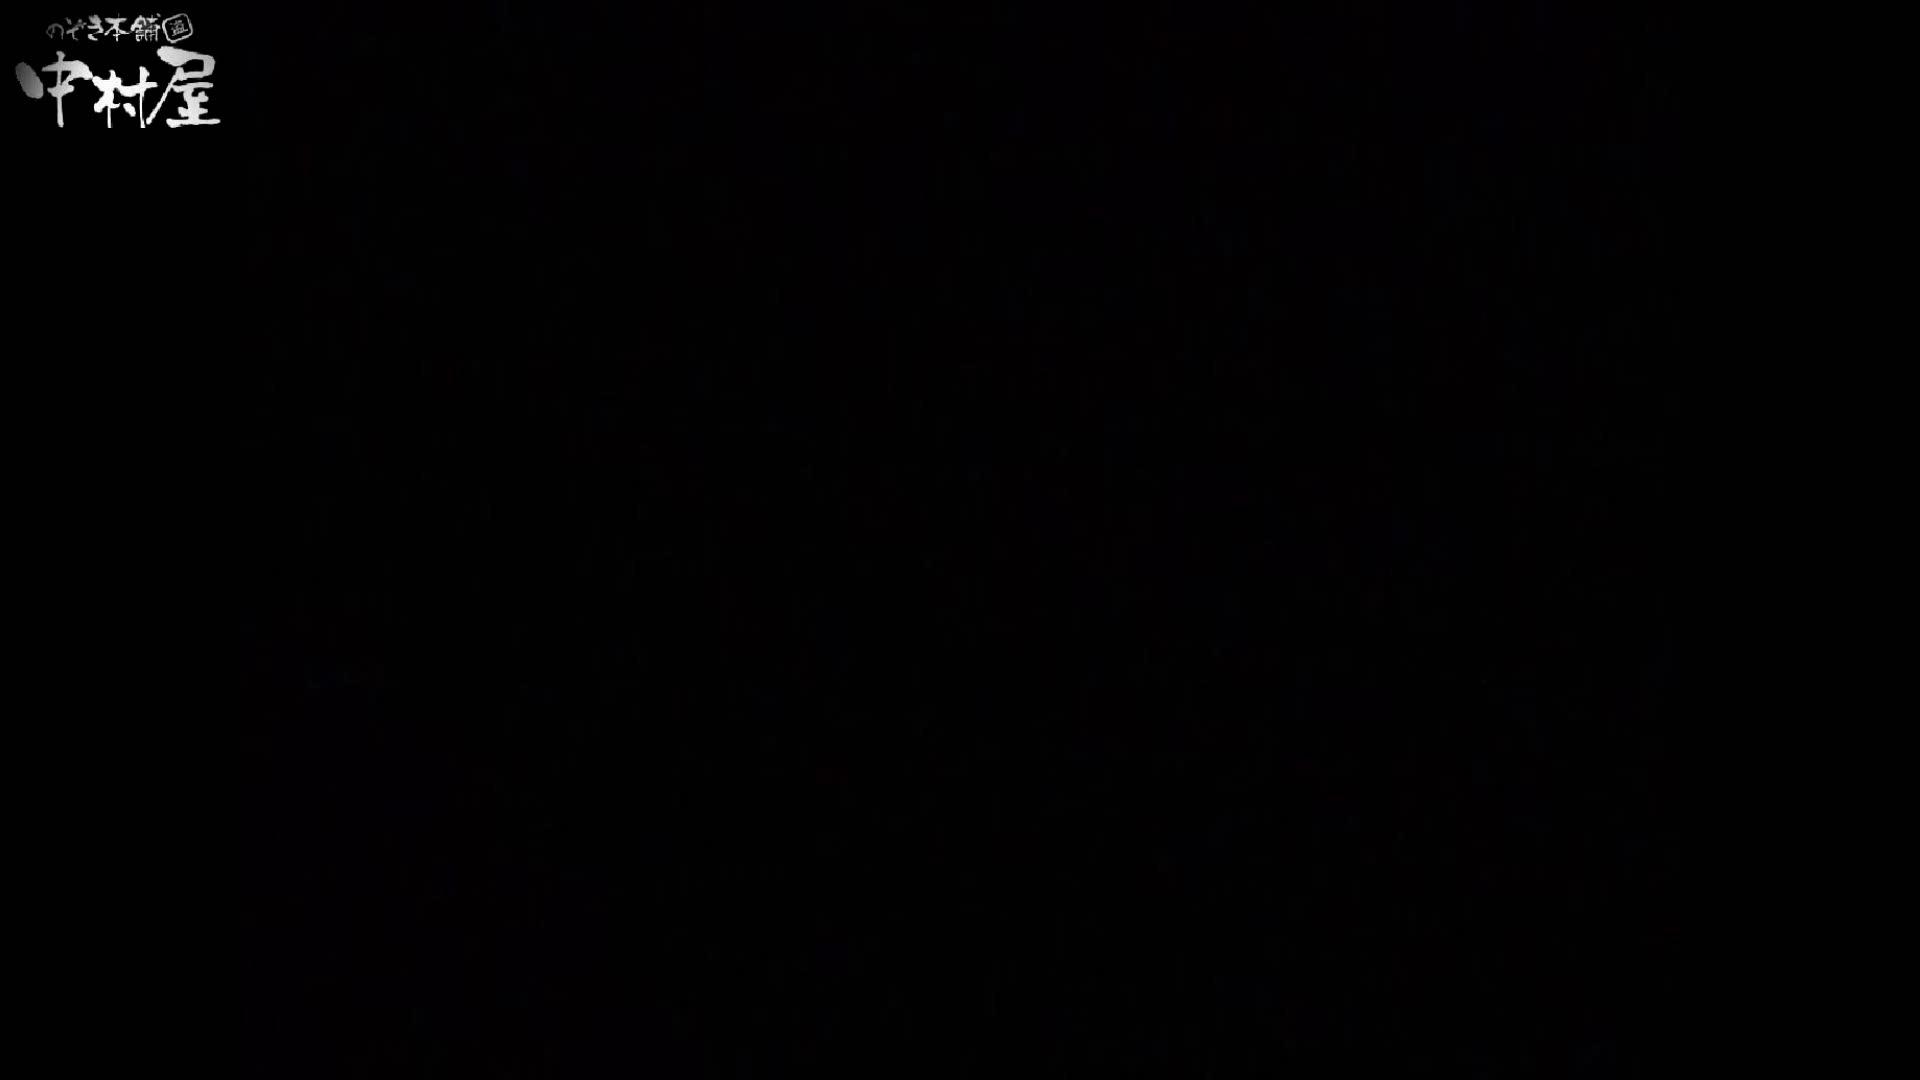 民家風呂専門盗撮師の超危険映像 vol.015 美女 | 美少女のエロ生活  107連発 37